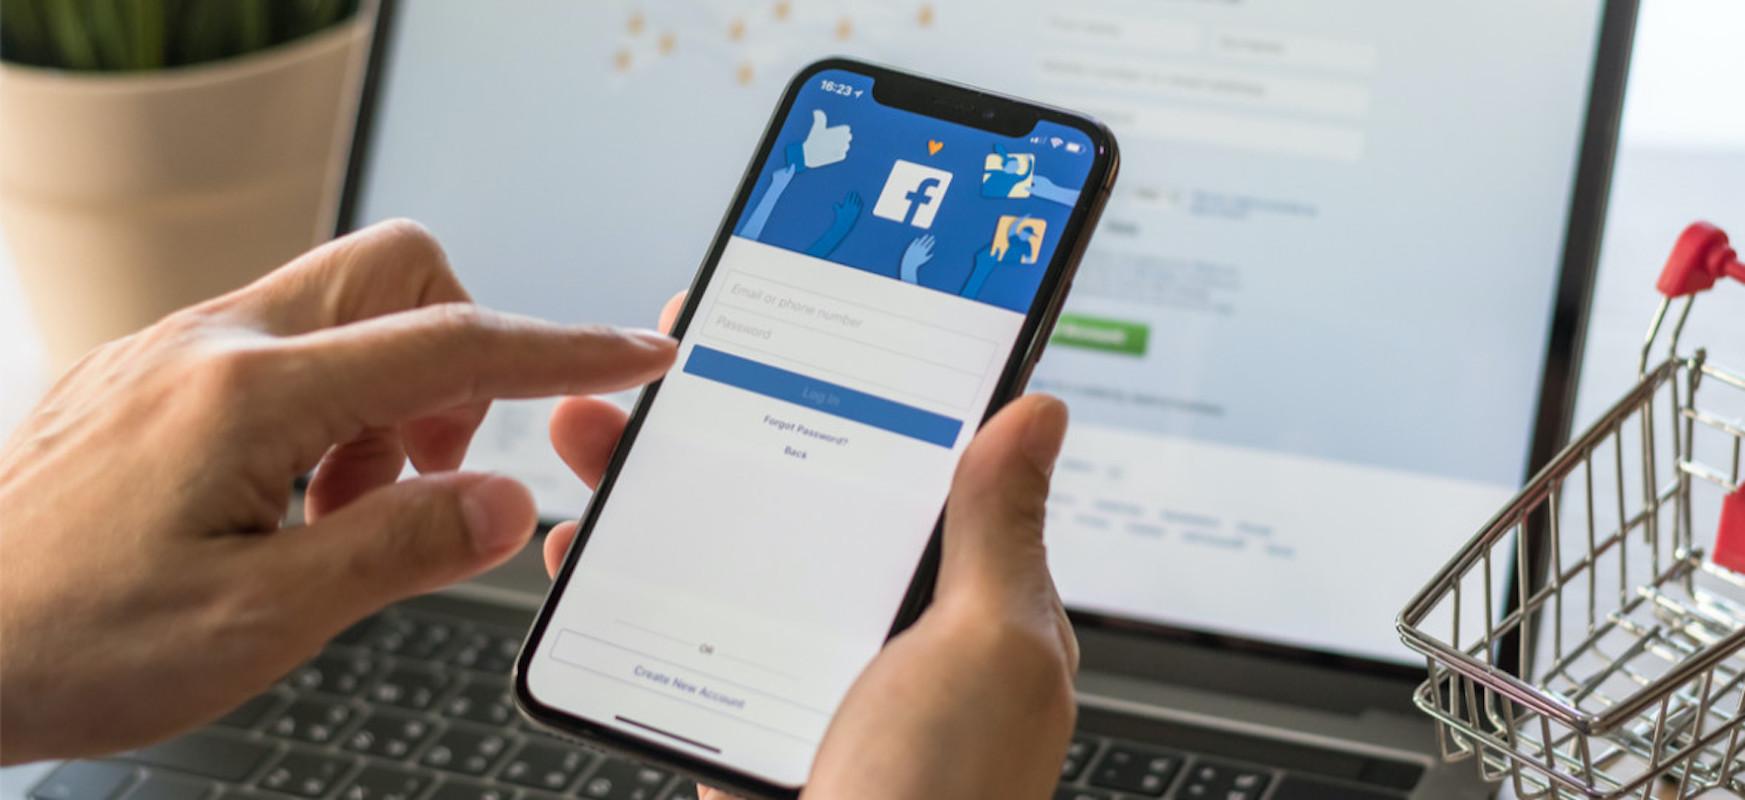 Zure Facebook kontua segurtasunez babestu behin.  Zure familiak eta lagunak eskerrak emango dizkizu